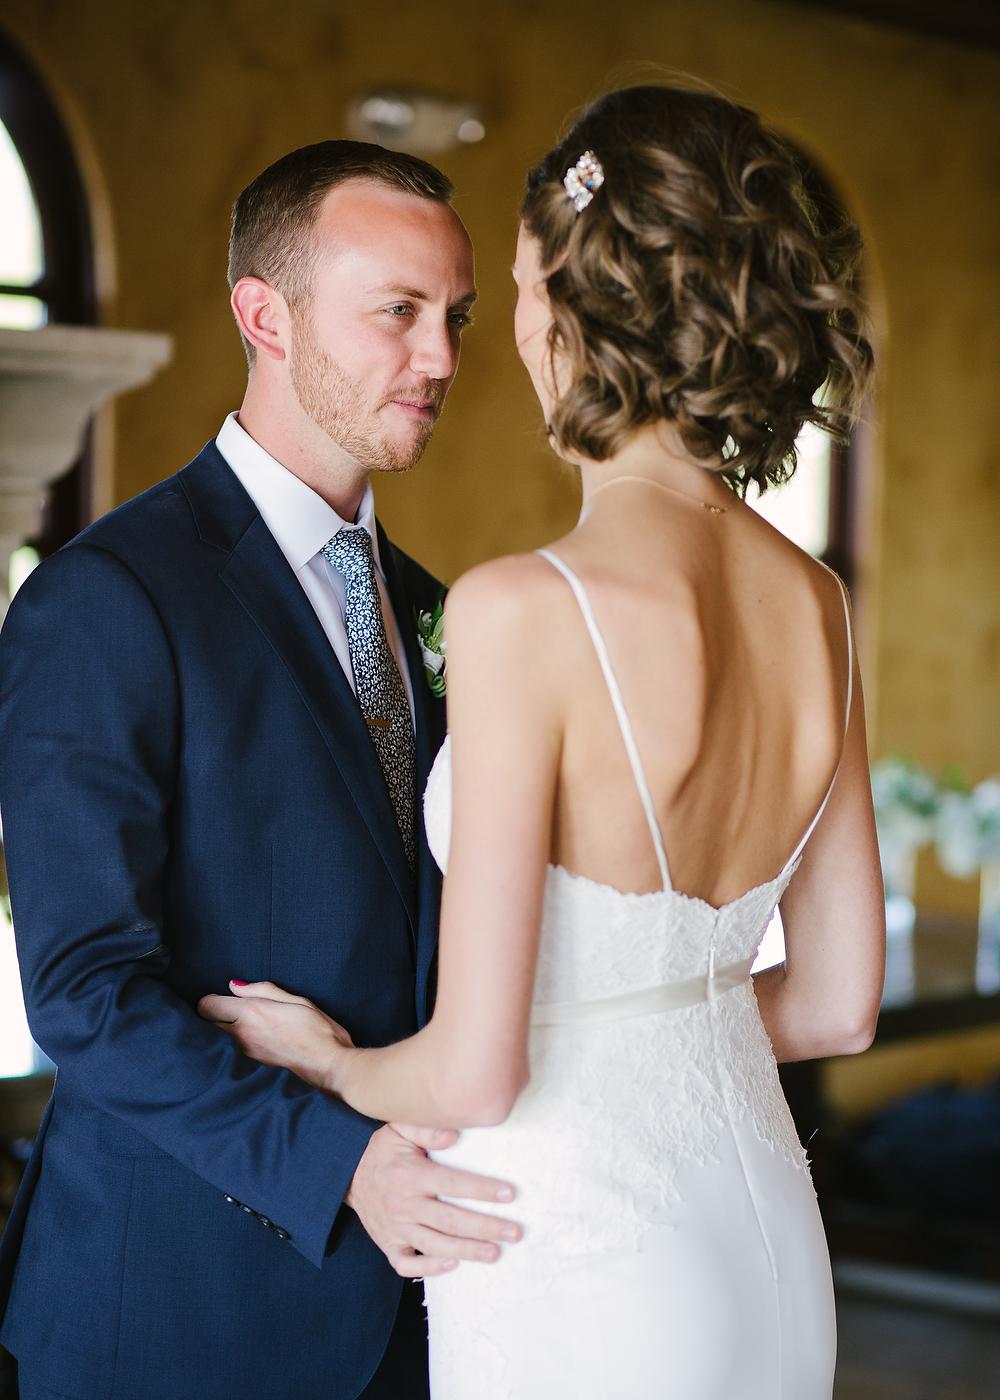 San Francisco Bay Area Wedding Photographer Regale Los Gatos 0030.JPG